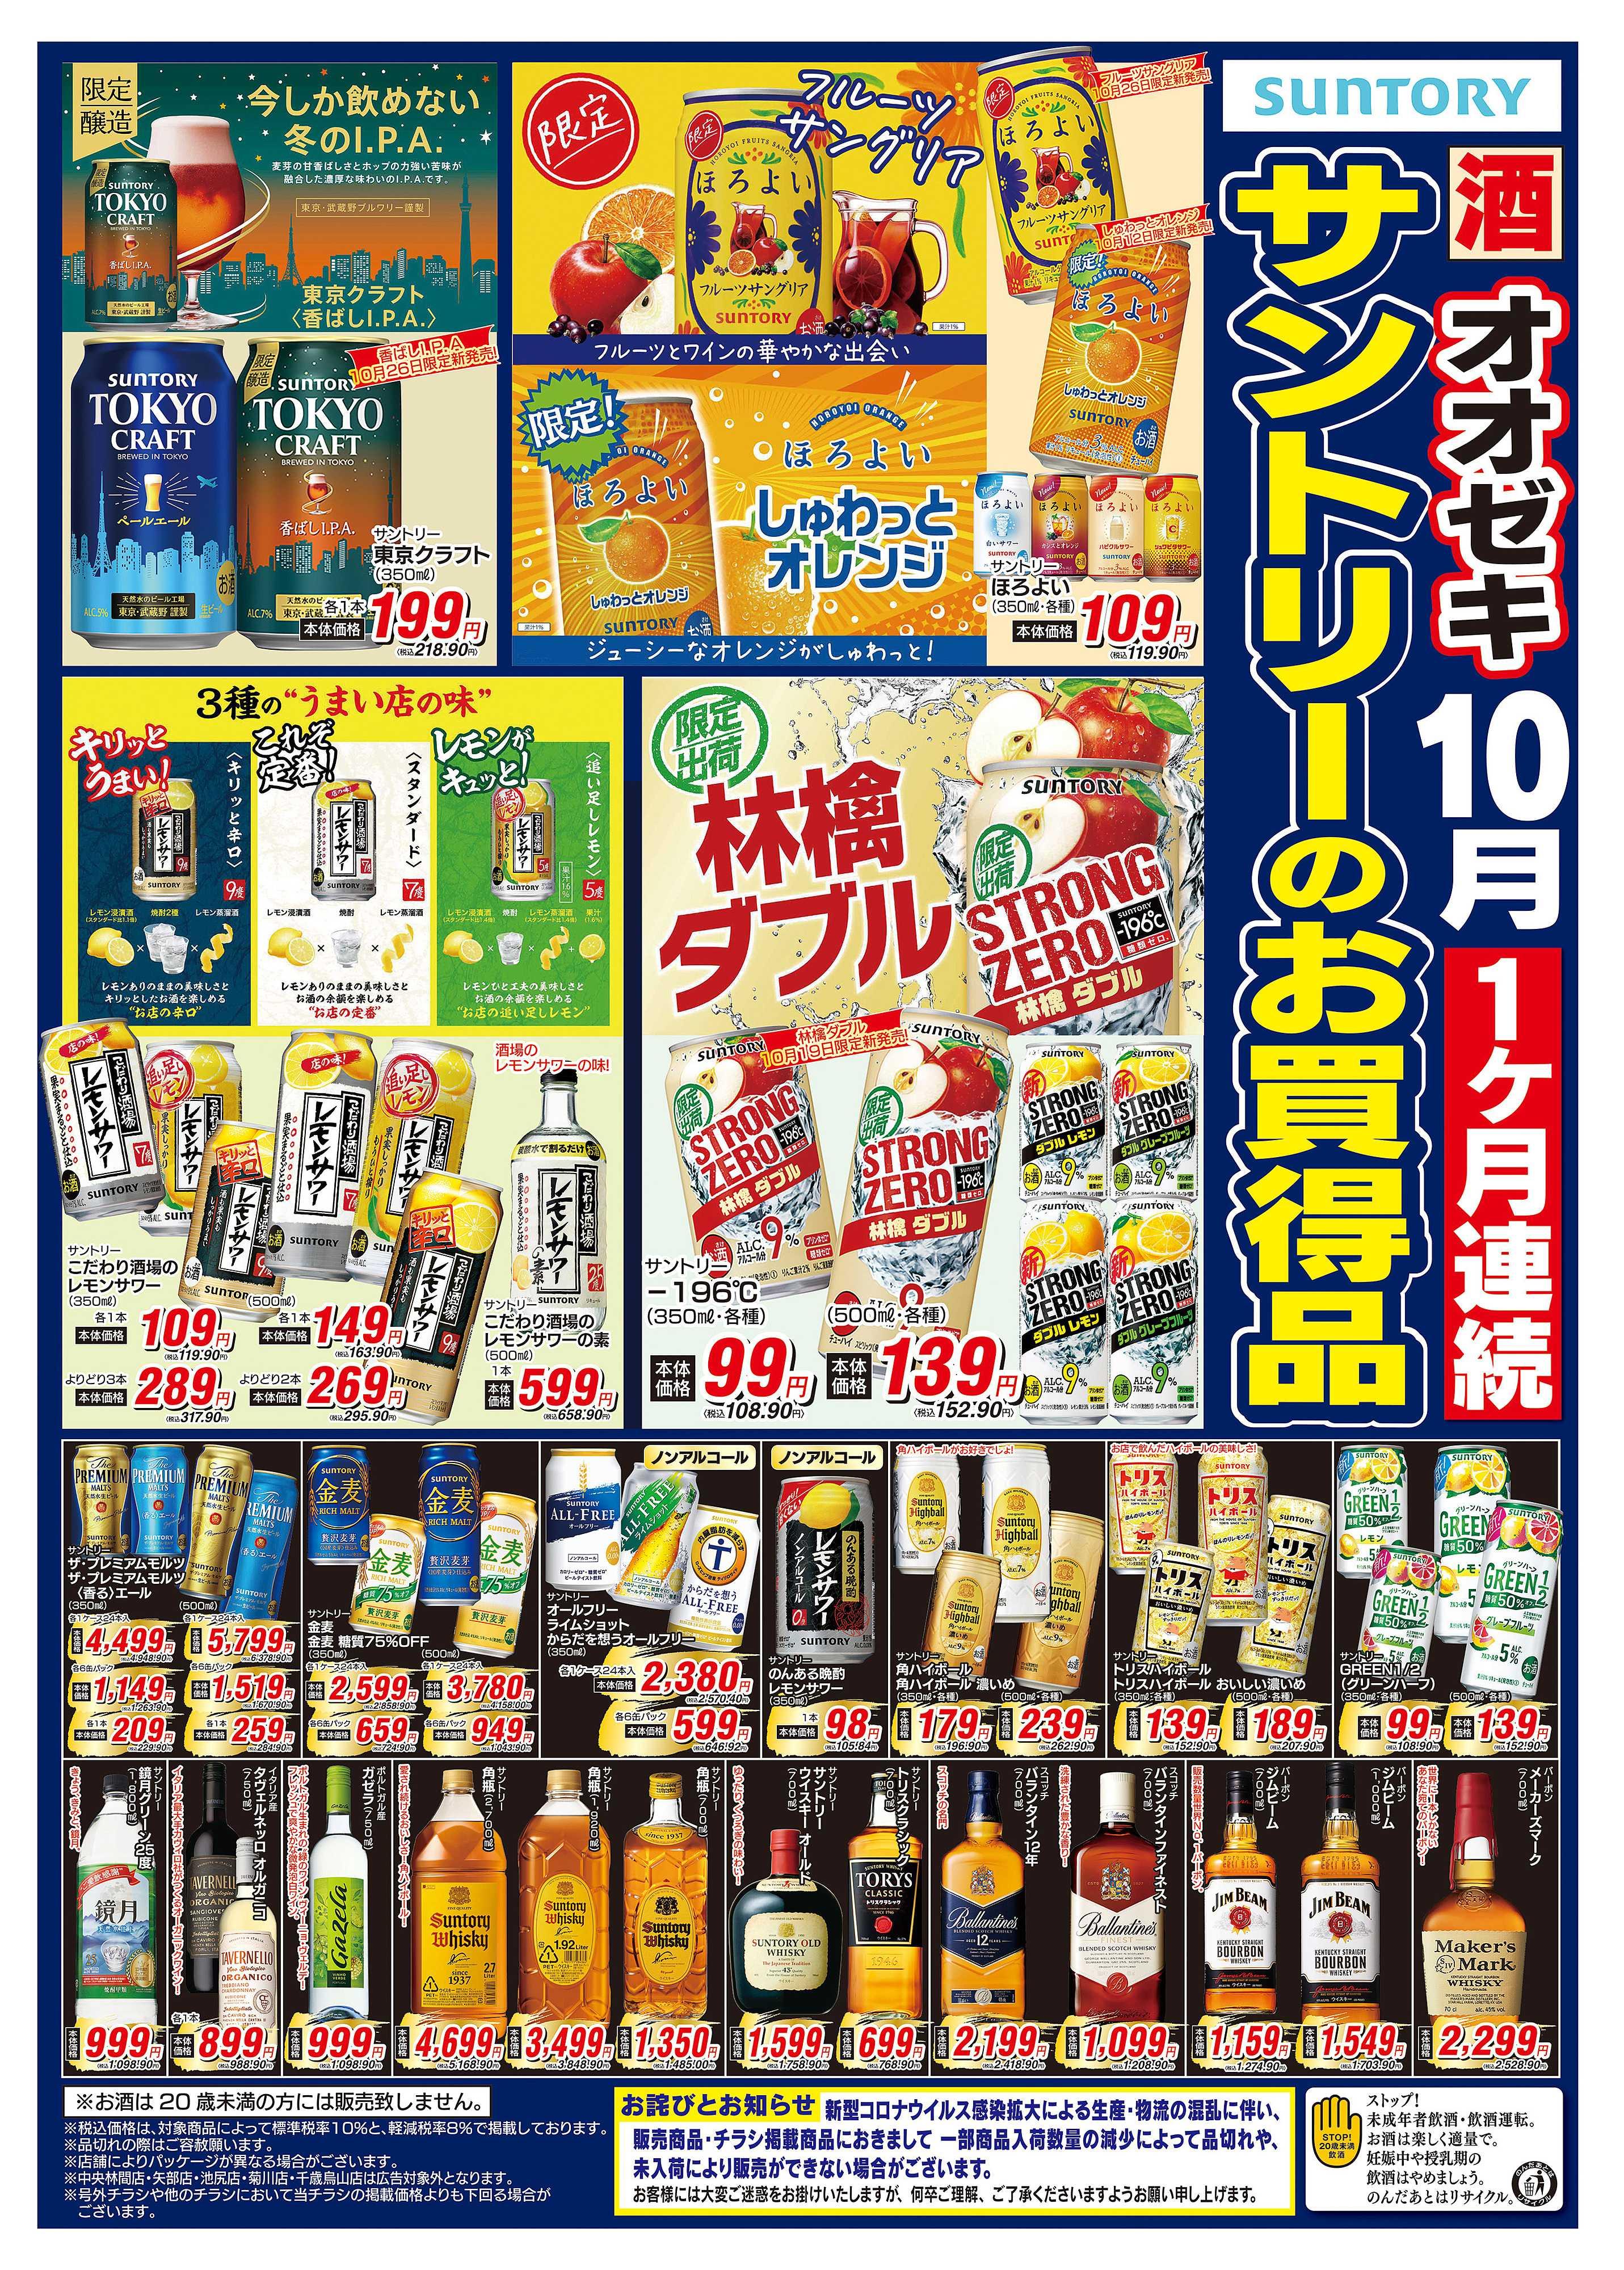 オオゼキ 10月 1ヶ月連続 酒 サントリーのお買得品